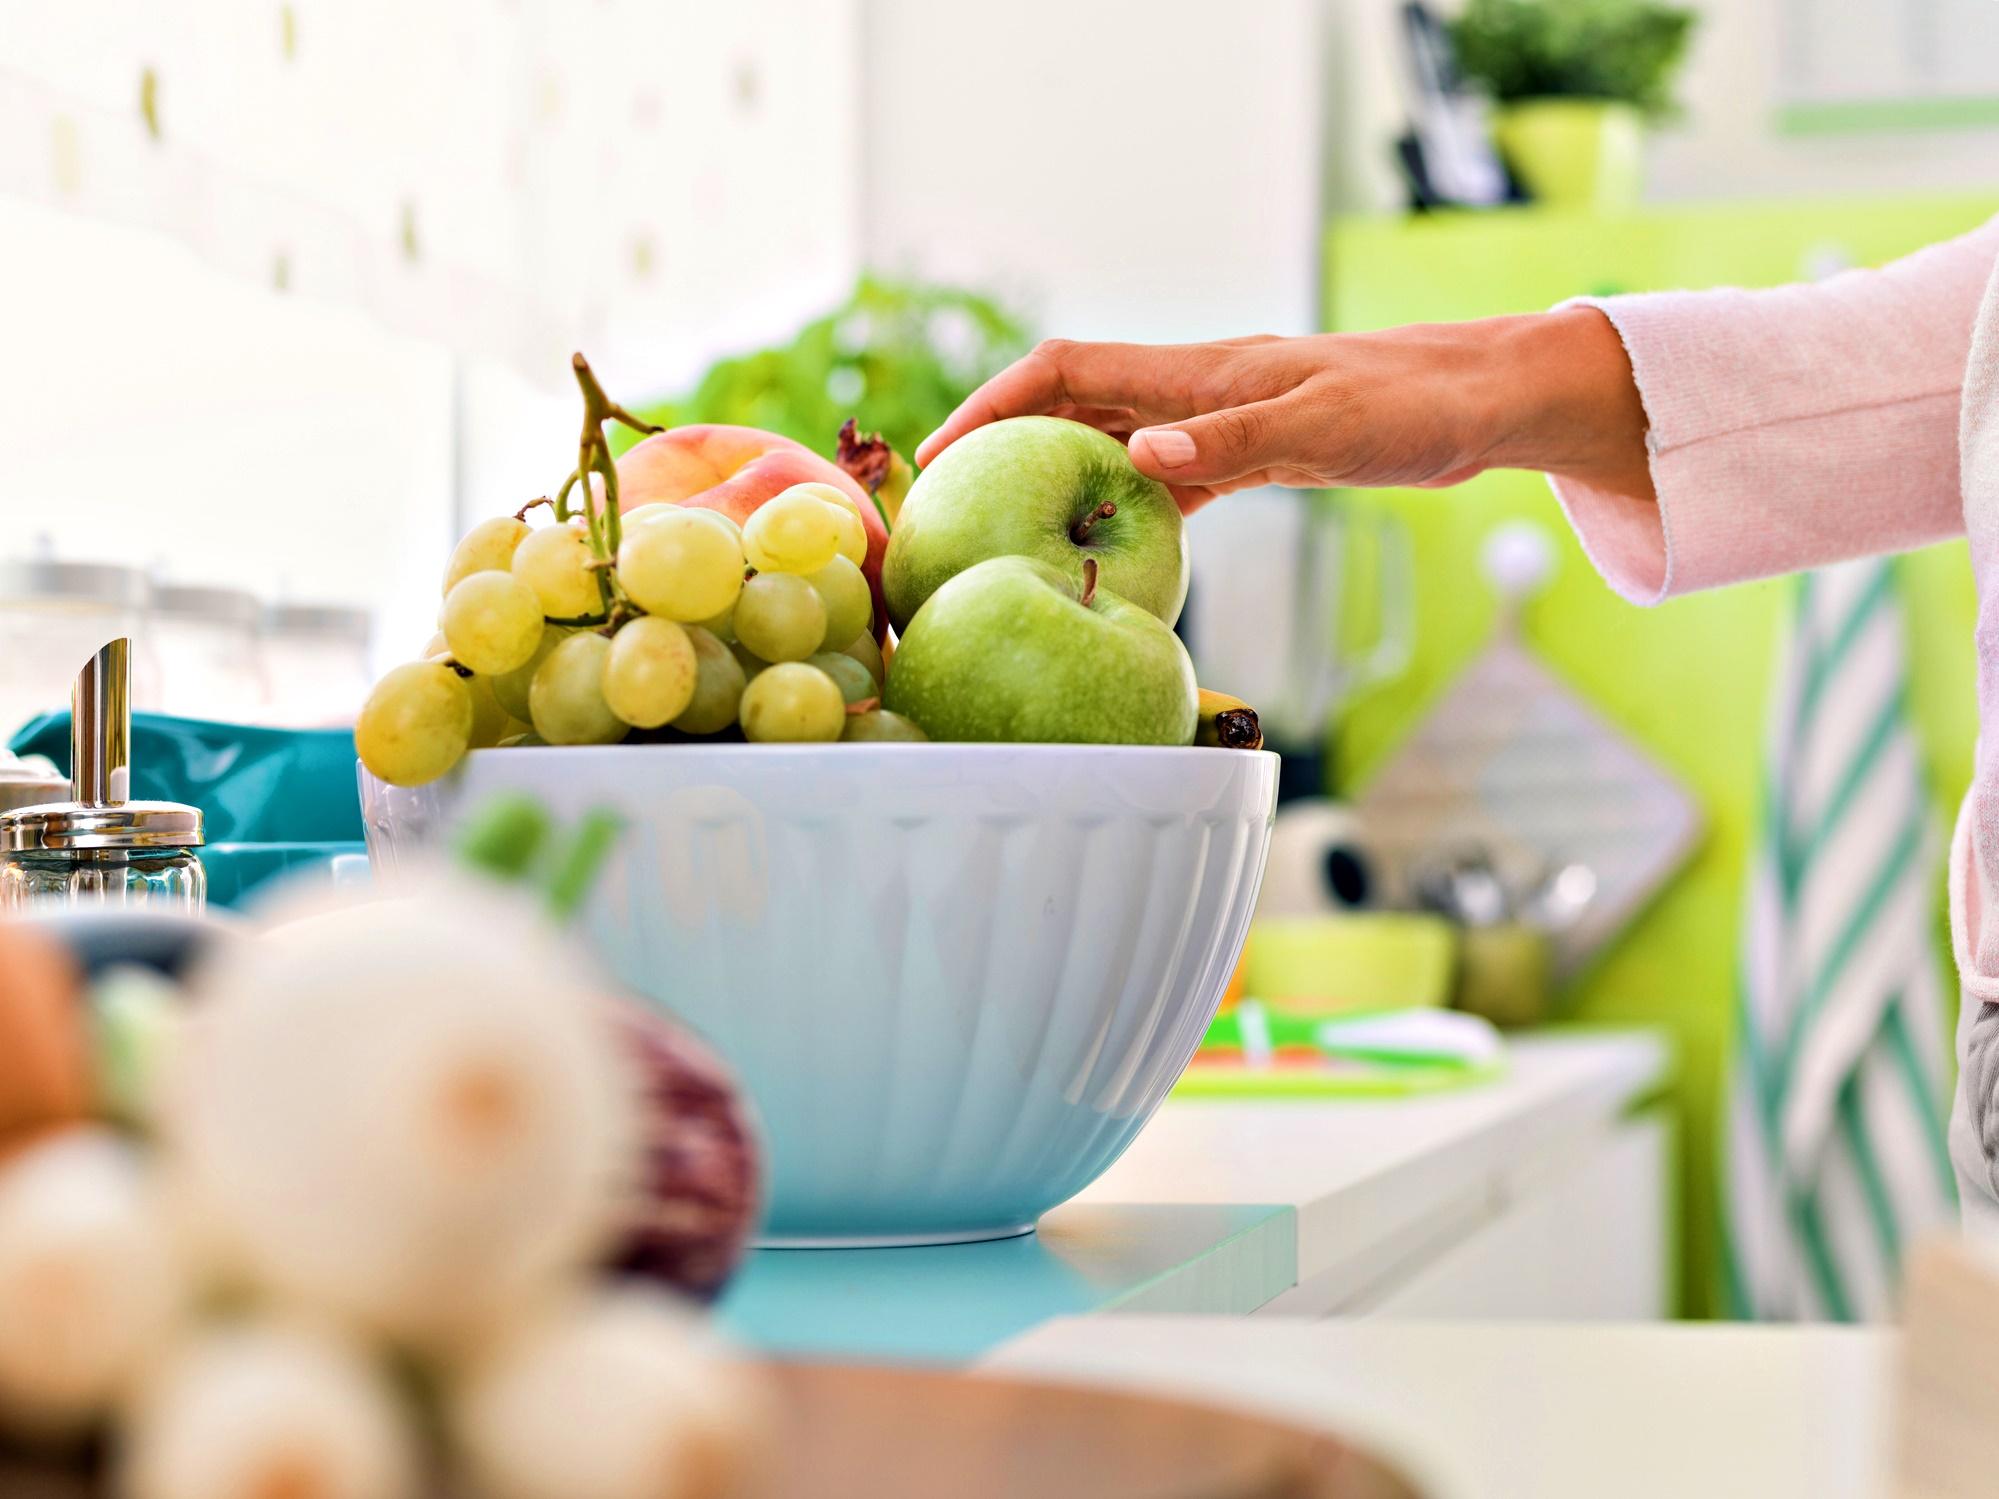 Разчистете плотовете<br /> Храната, която лесно забелязваме, постоянно ни напомня за себе си. Така вероятността да я изядем първа става по-голяма.<br /> Вместо на кухненския плот да стоят шоколади, бисквитки и други сладки изкушения, сложете купа с плодове.<br />